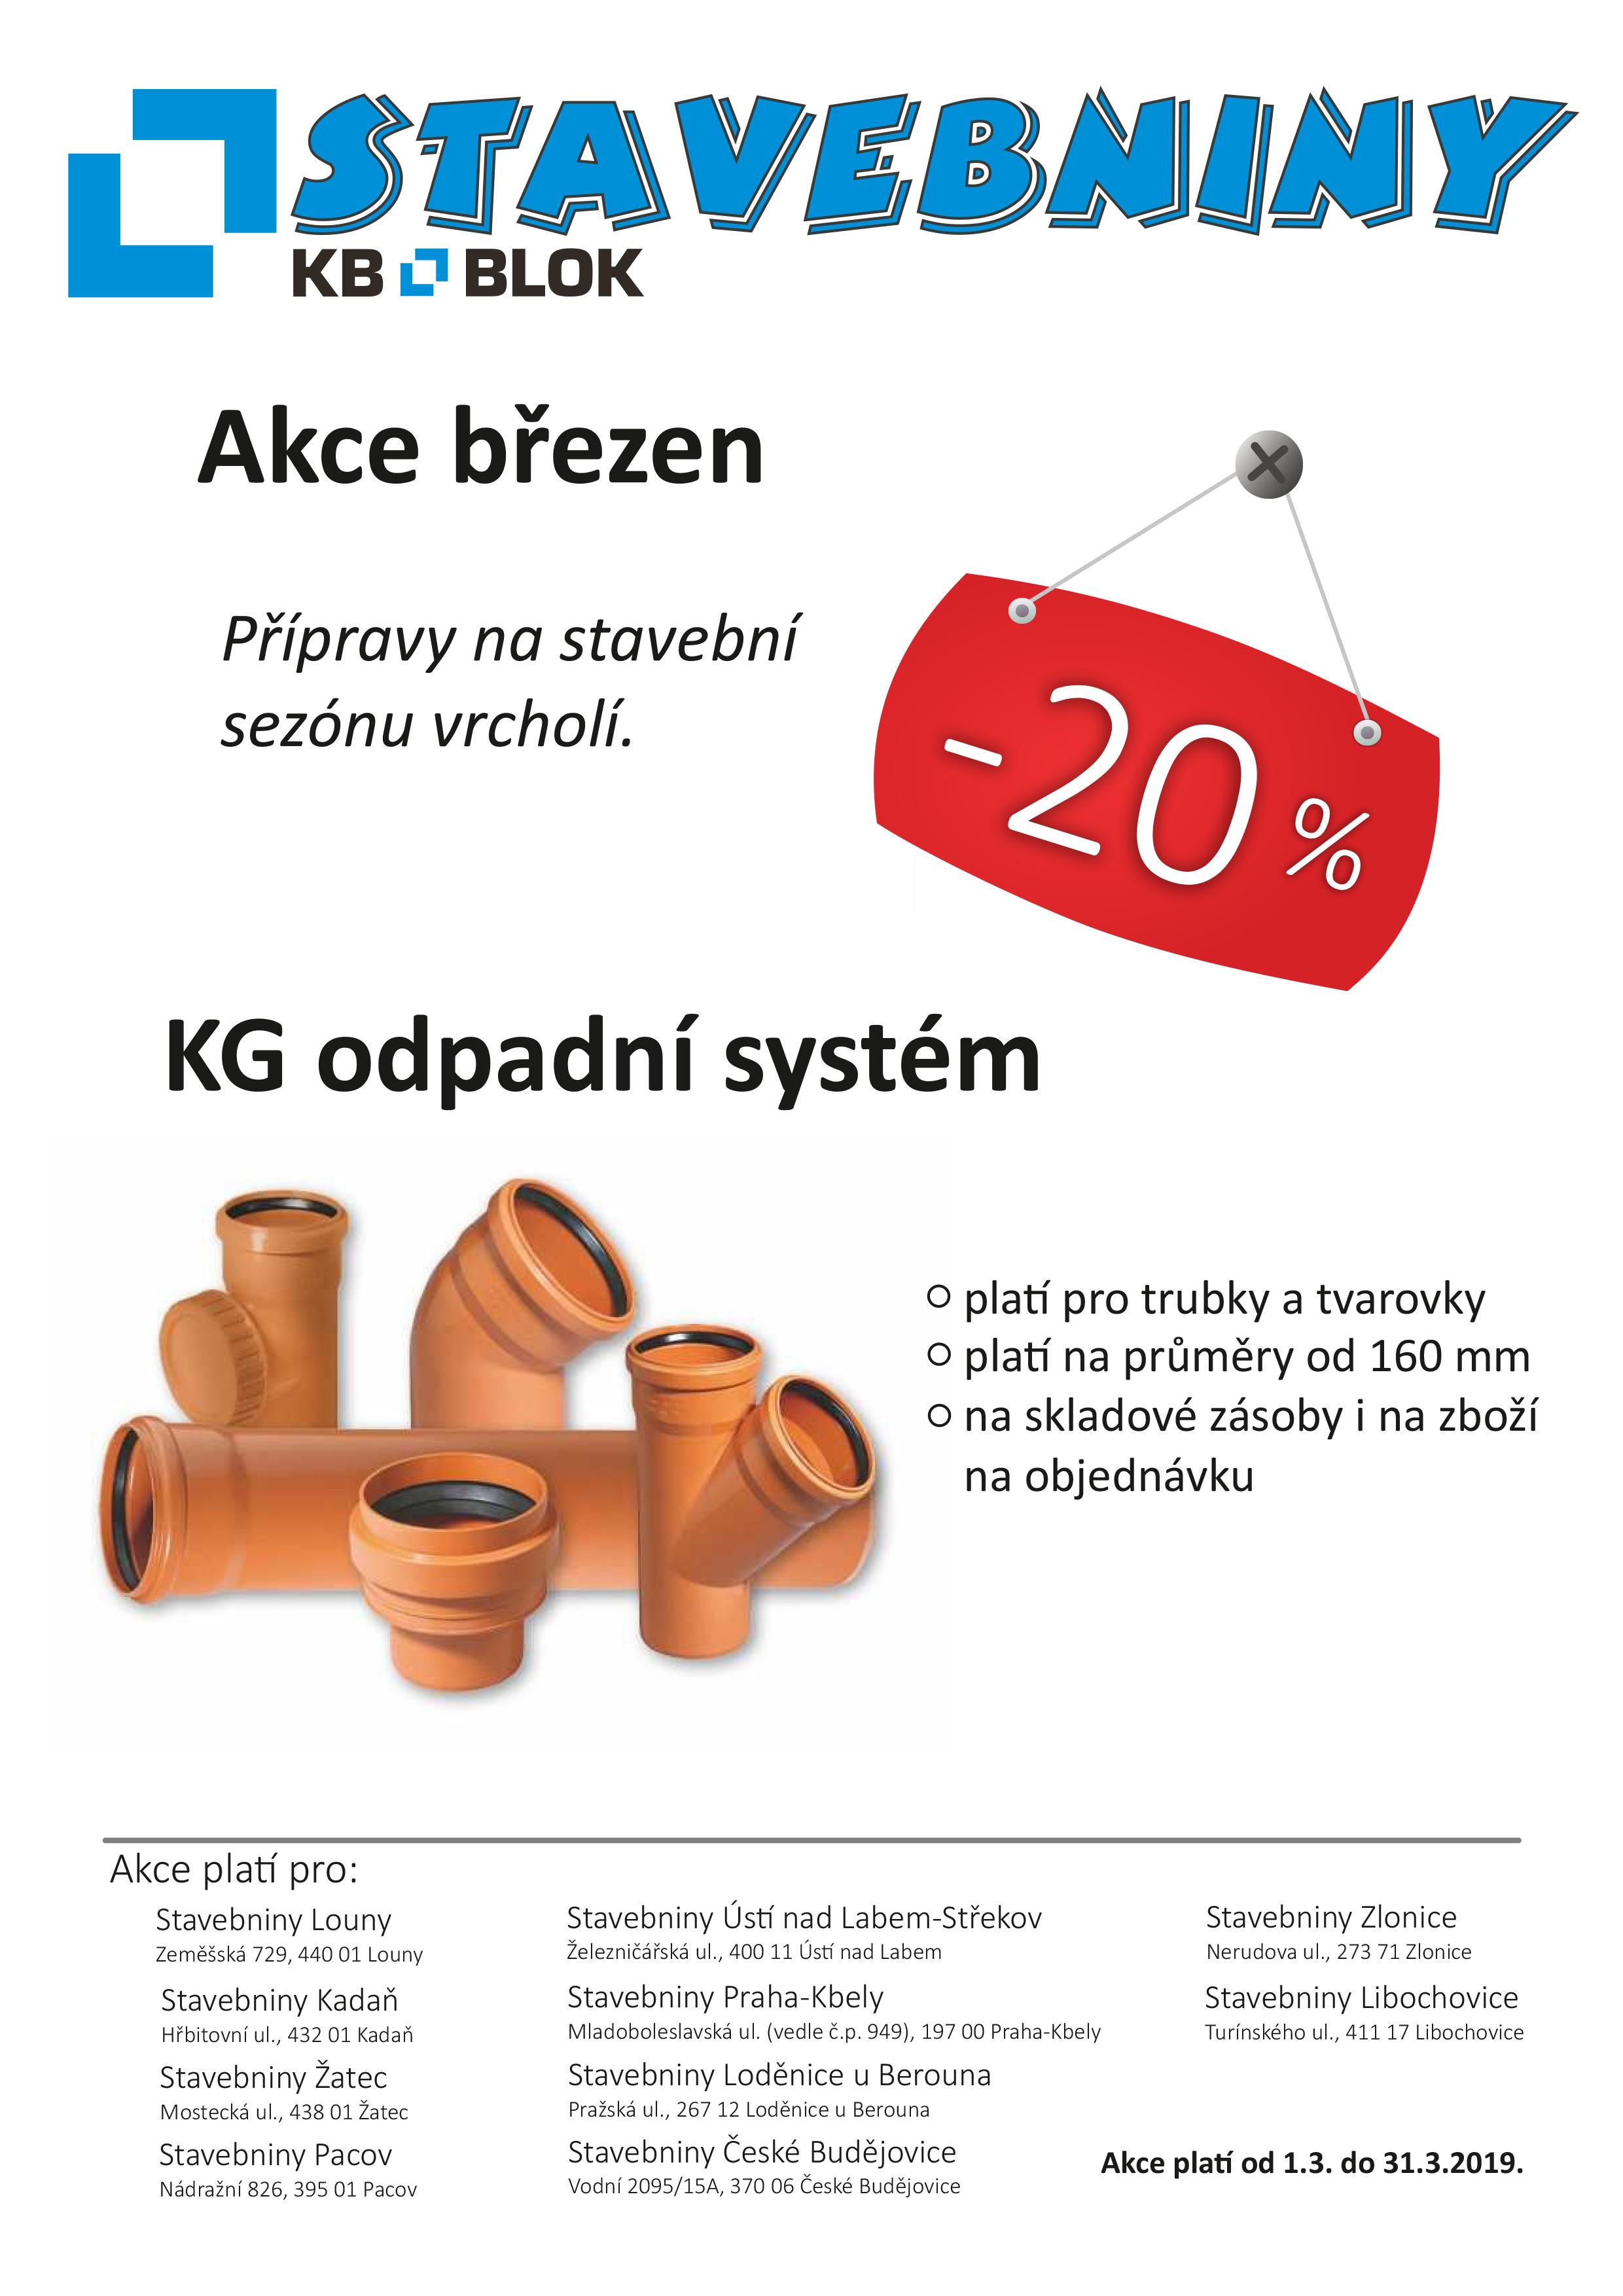 KG odpadní systém